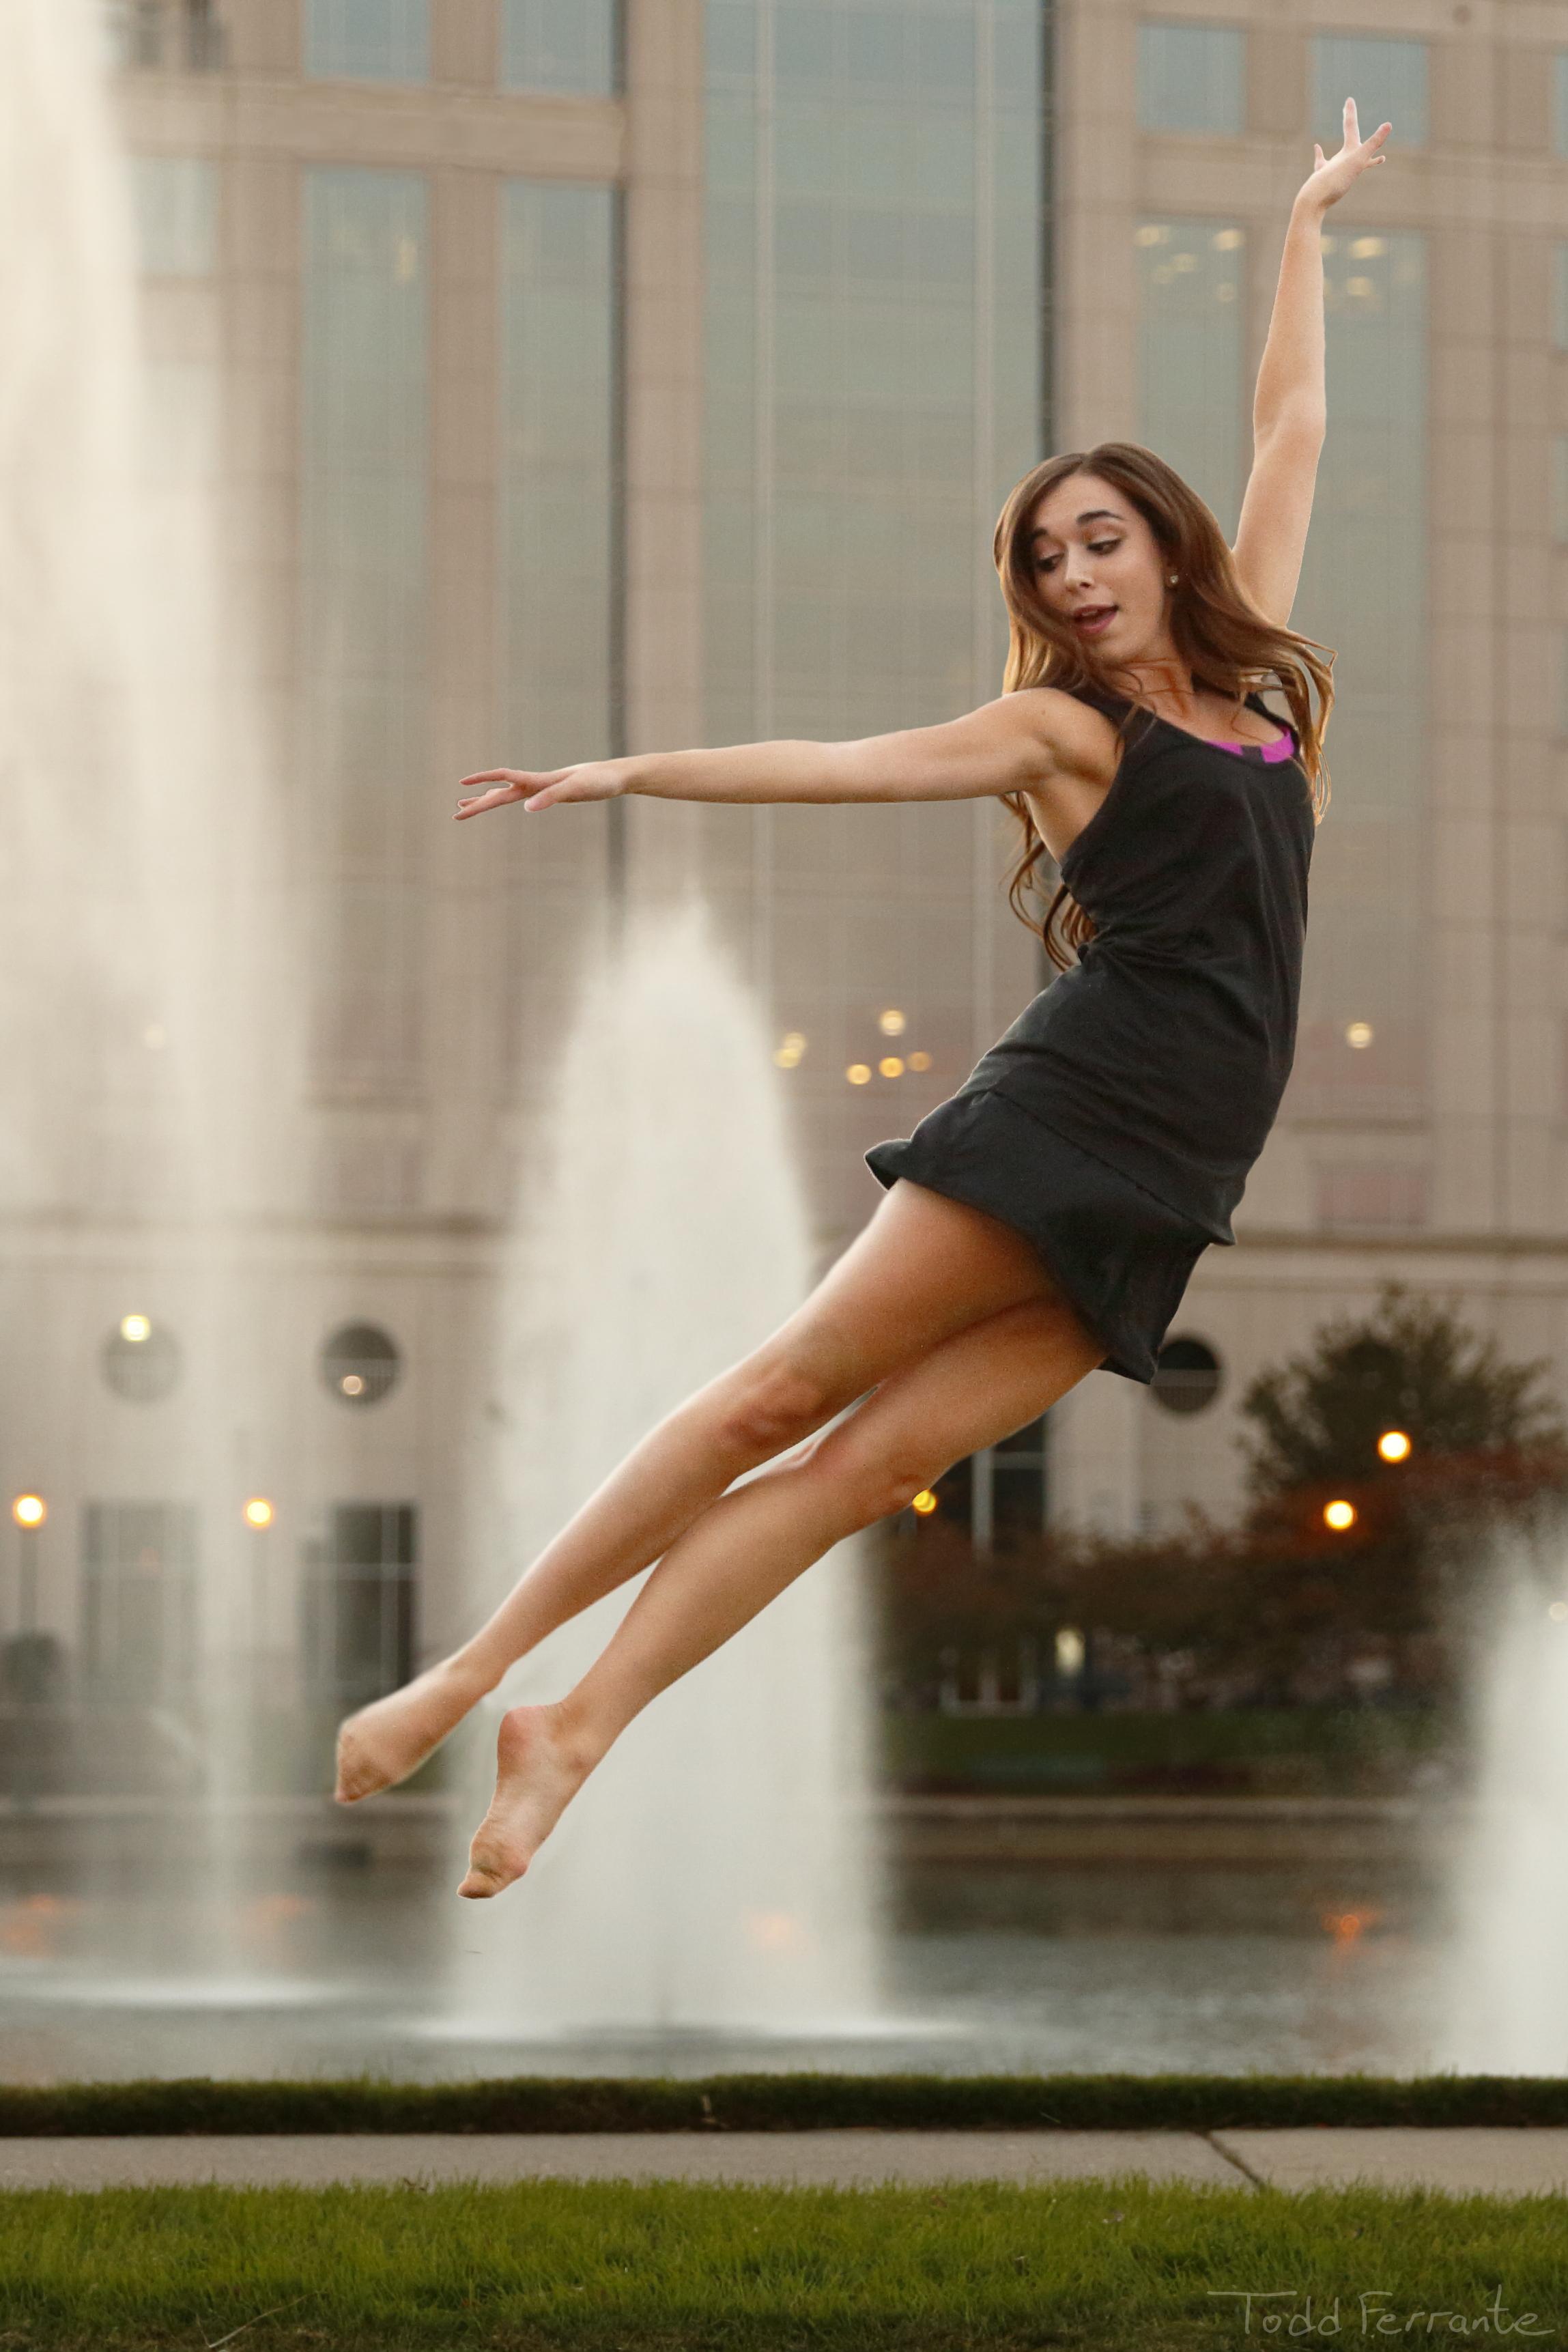 wm_MG_4622 dancer.JPG